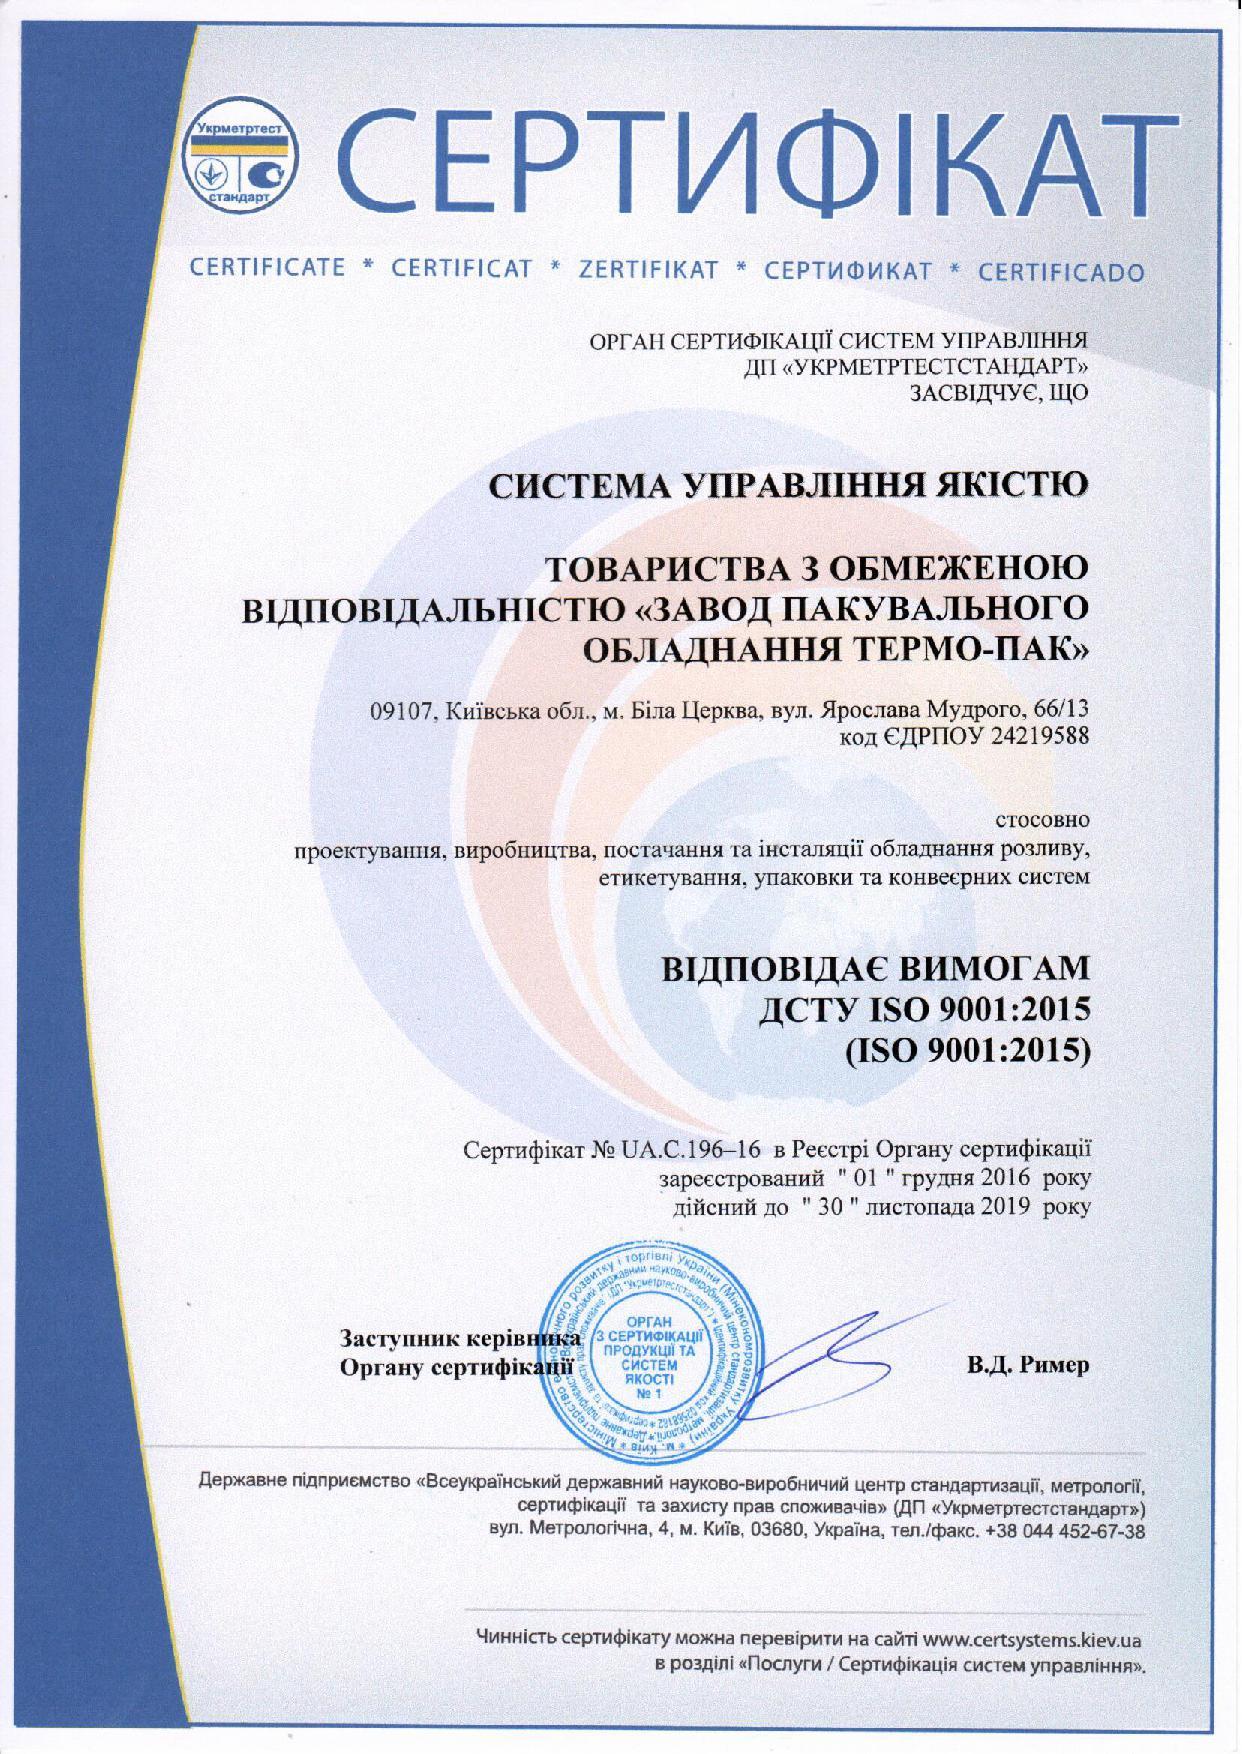 Завод упаковочного оборудования Термо Пак, ООО